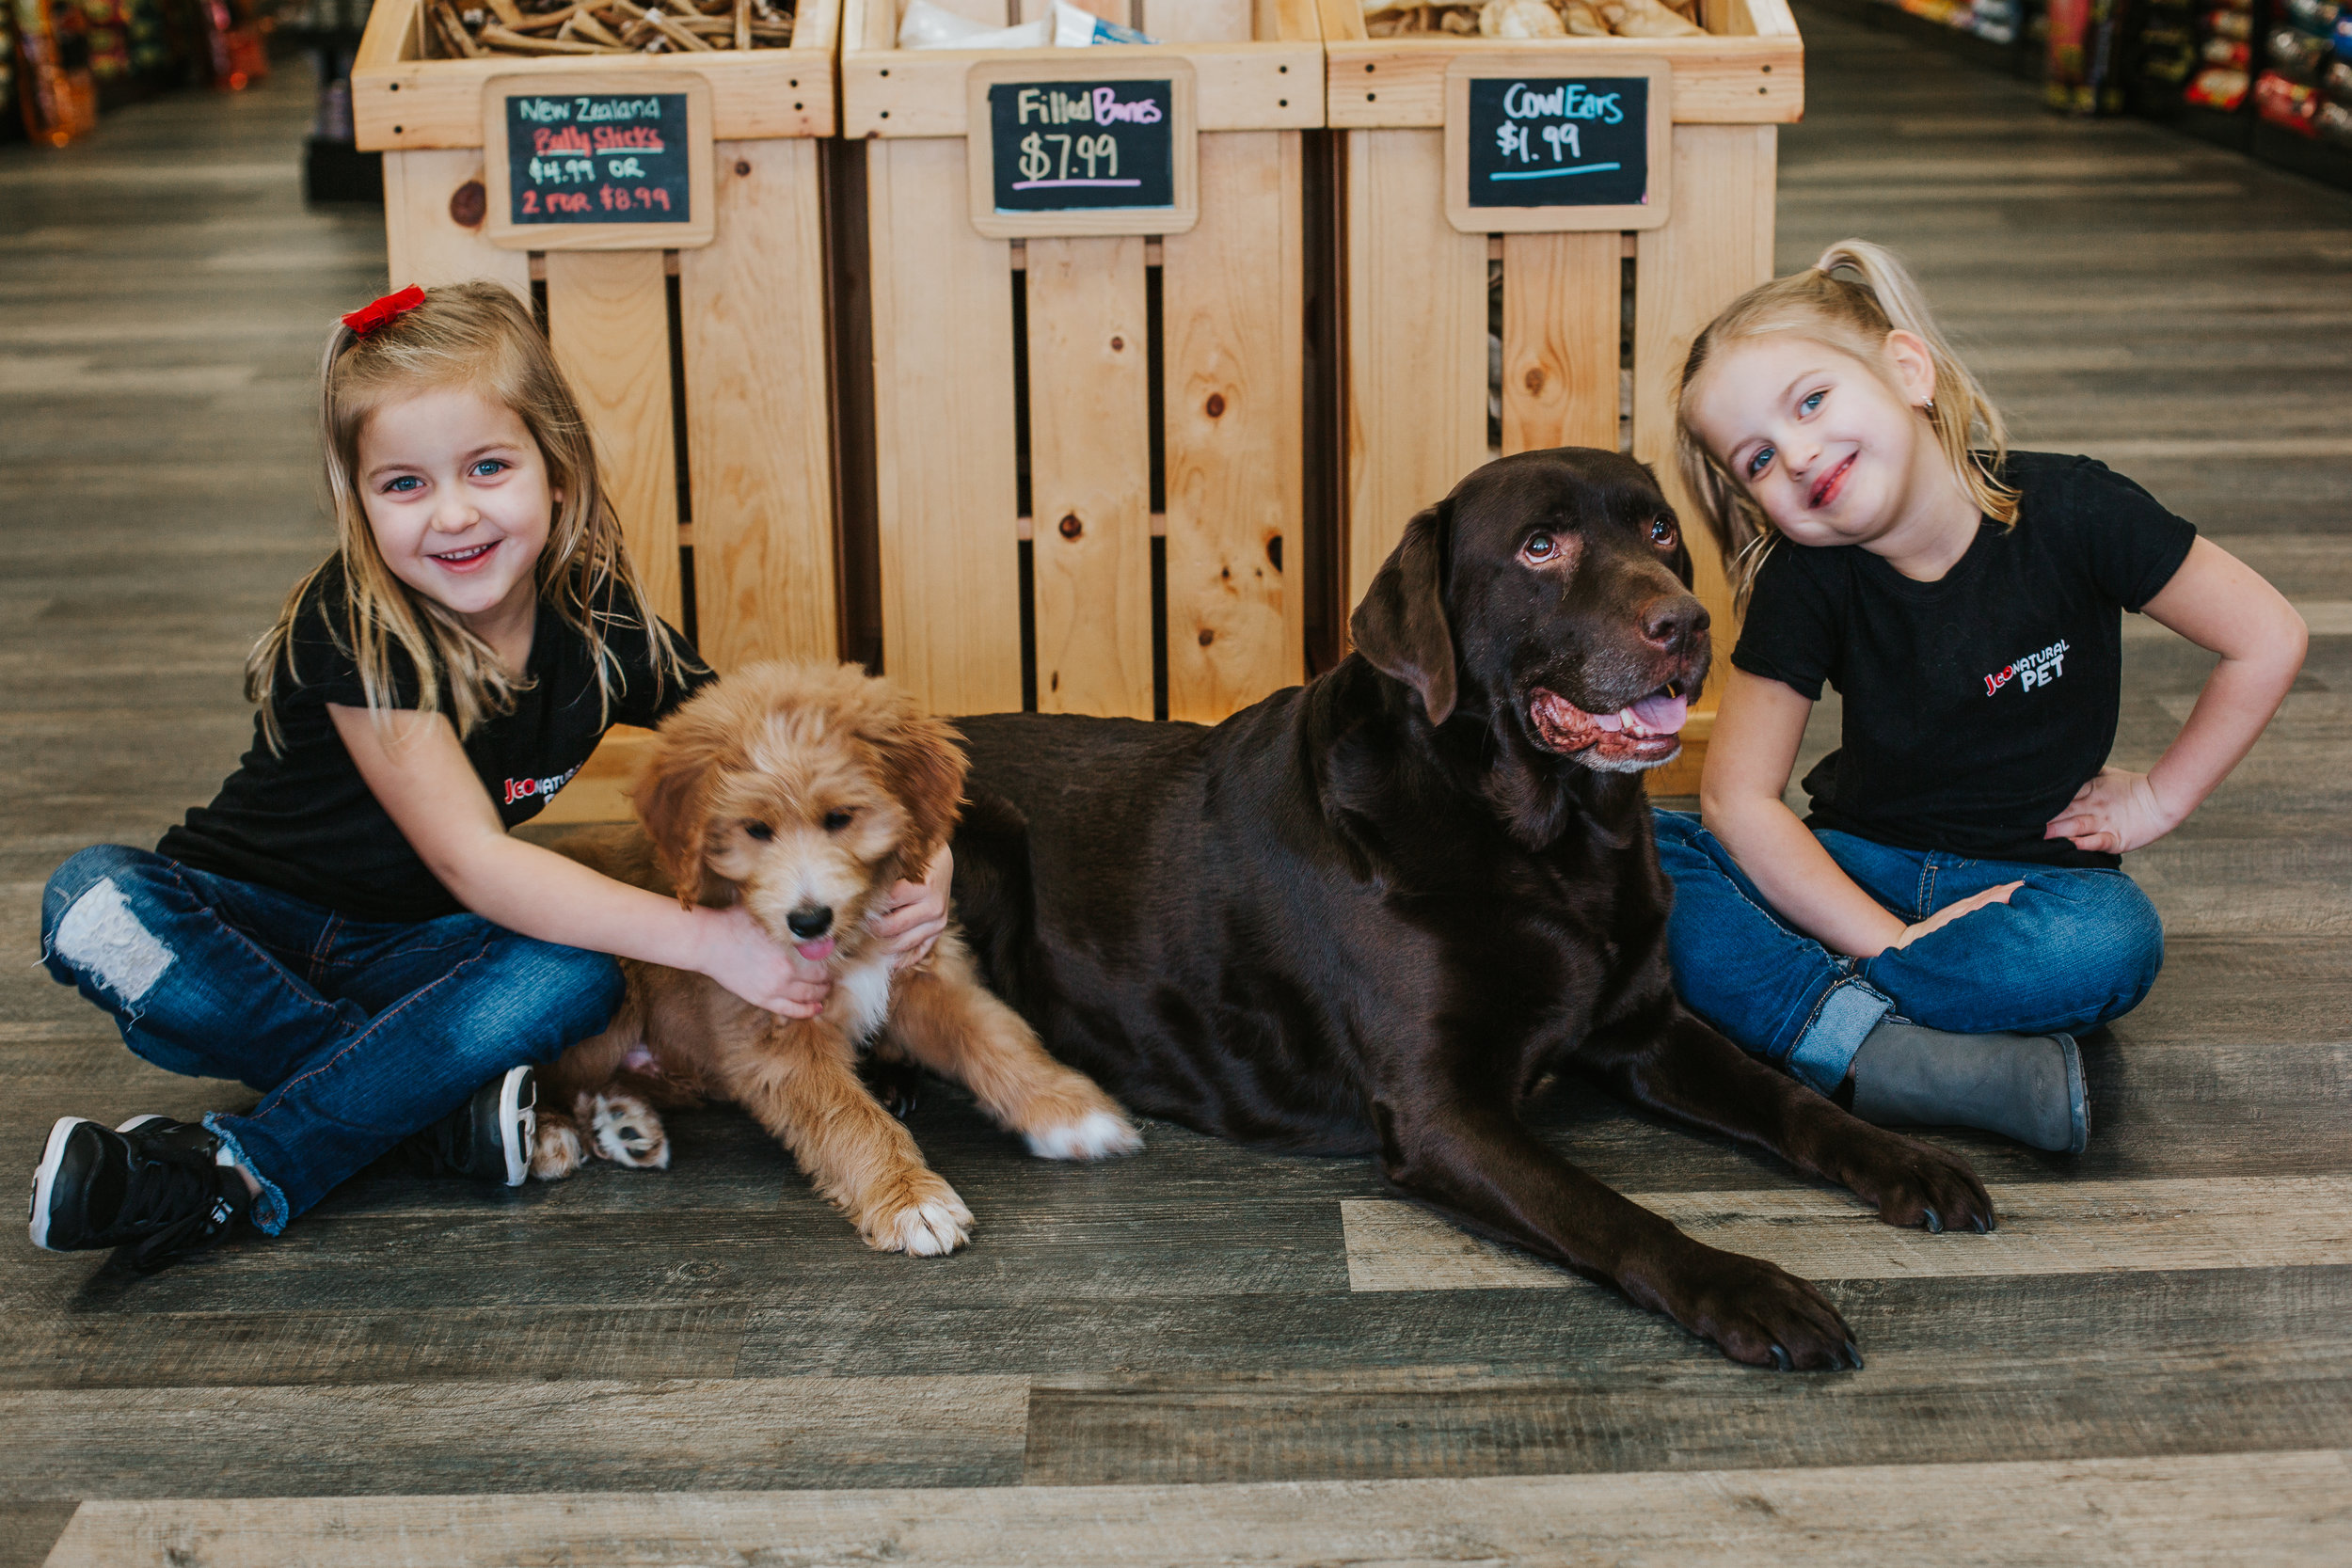 Jco-Natural-Pet-Eugene-Oregon-Girls-Dogs-Cute.jpg